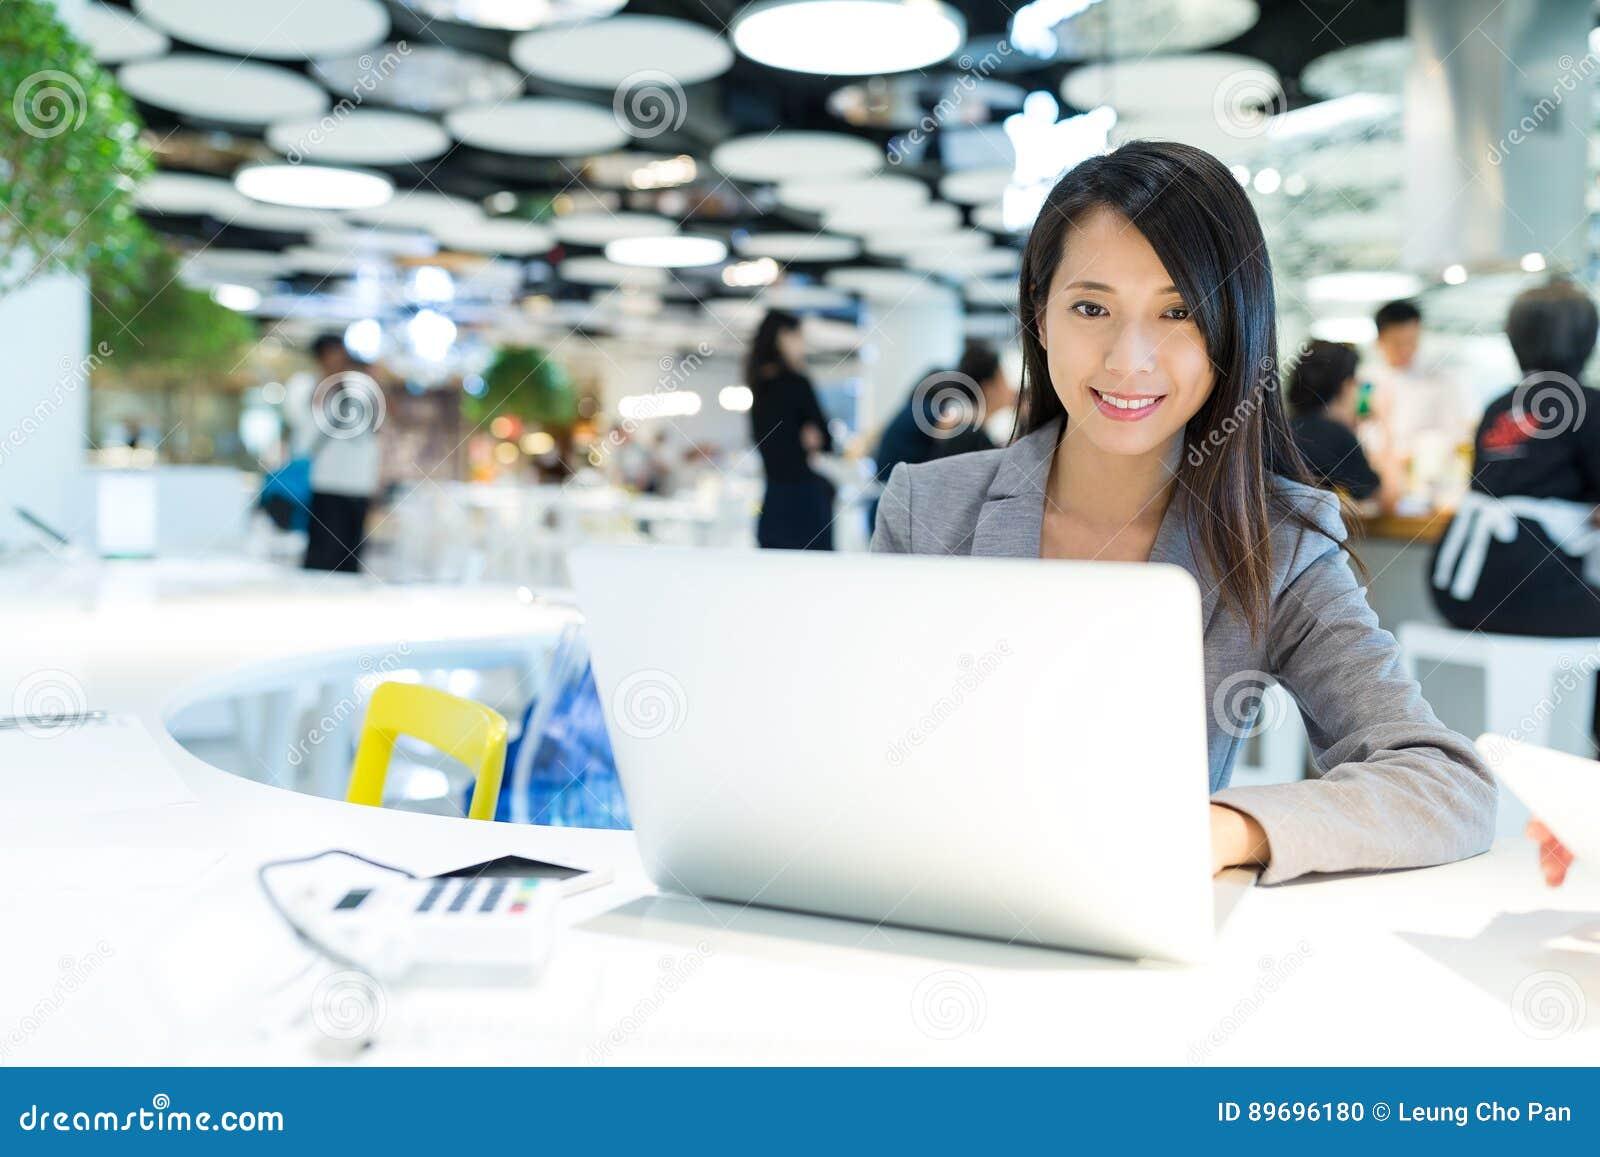 Бизнес-леди работая на портативном компьютере в со-работая месте